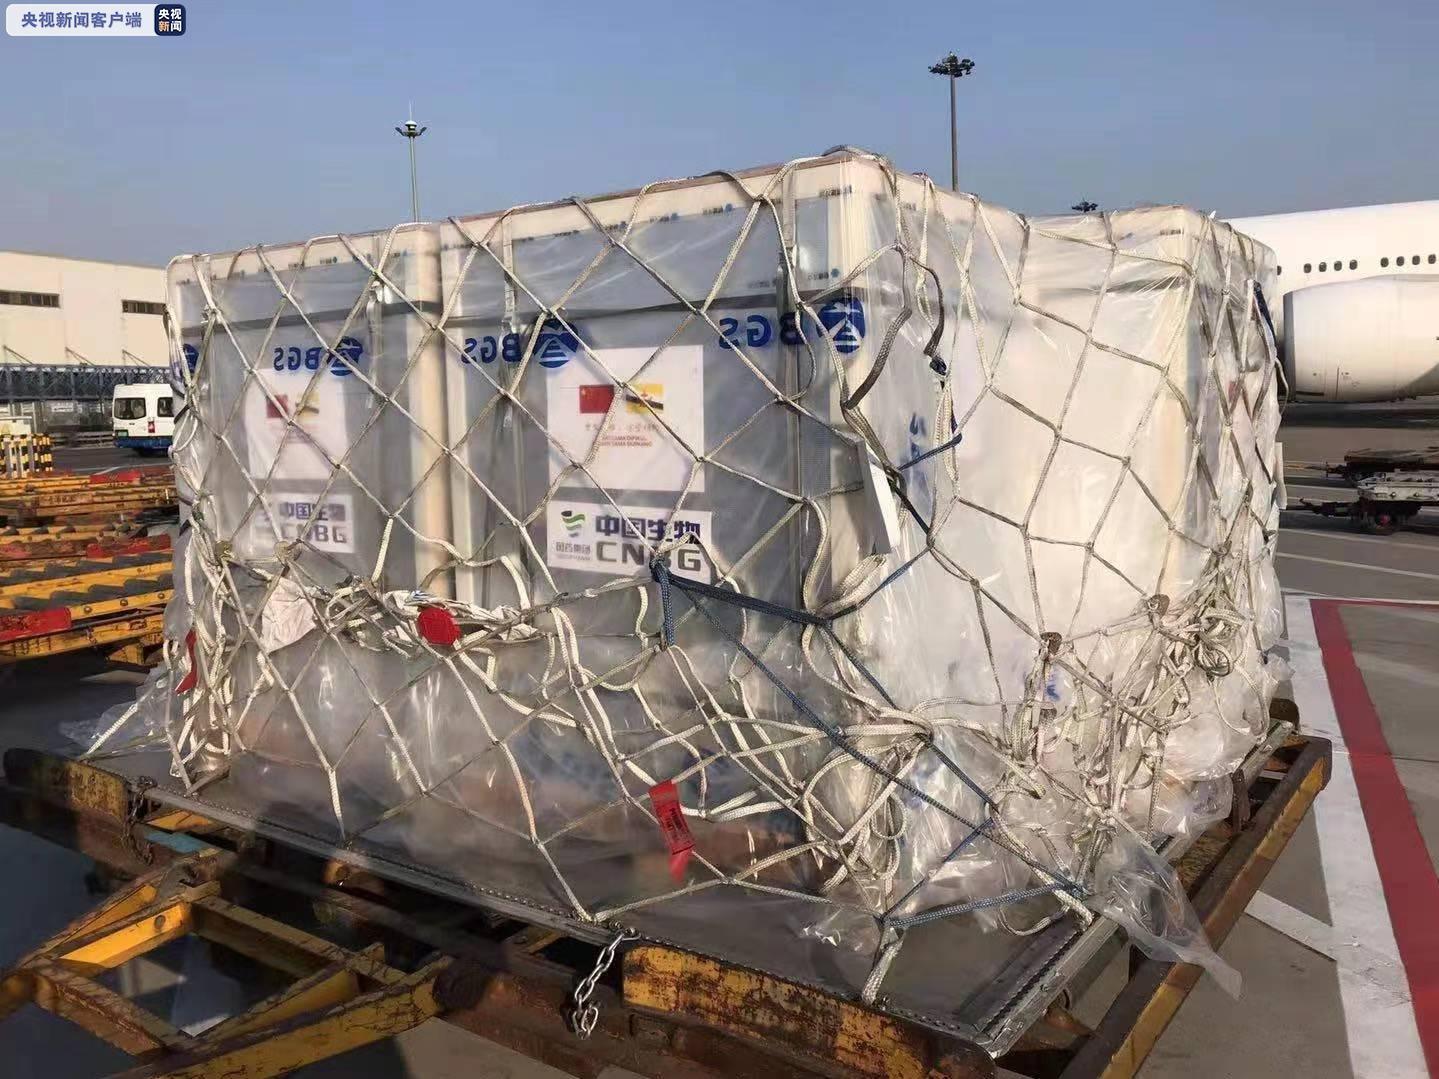 中国援助的新冠疫苗运抵文莱 文政府表示感谢